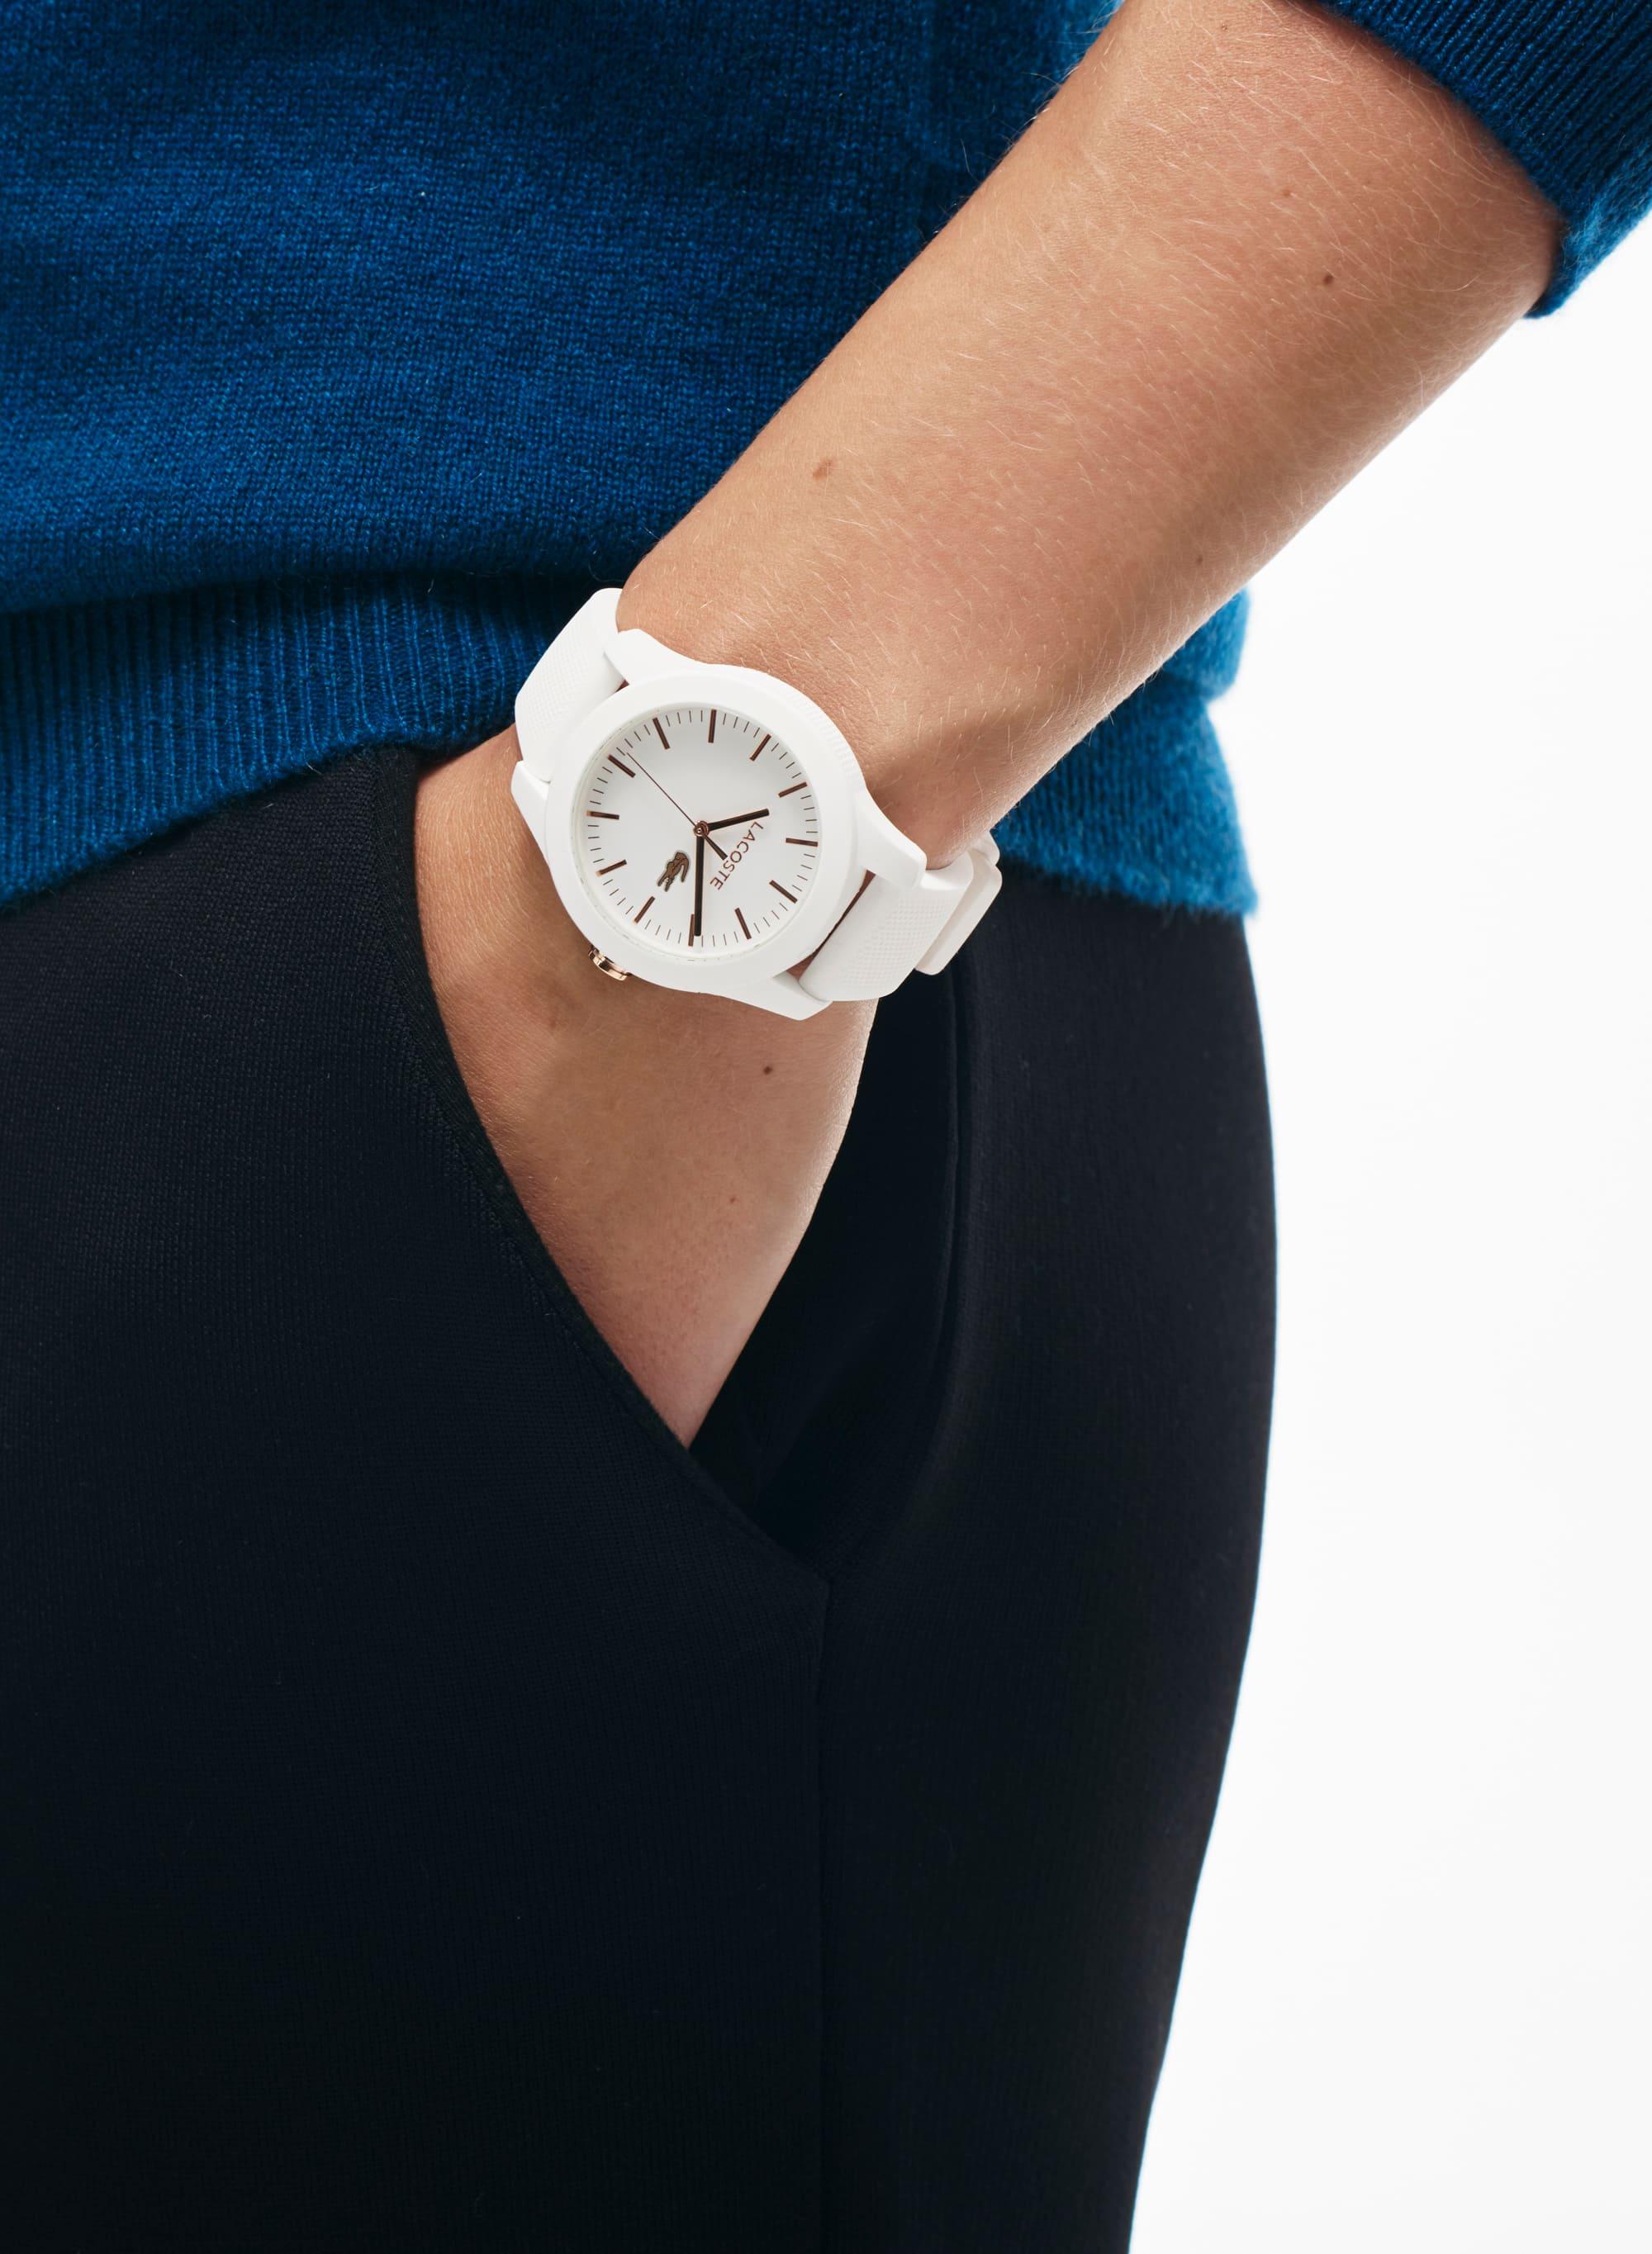 Relógio Lacoste 12.12 Senhora com Bracelete em Silicone Branco